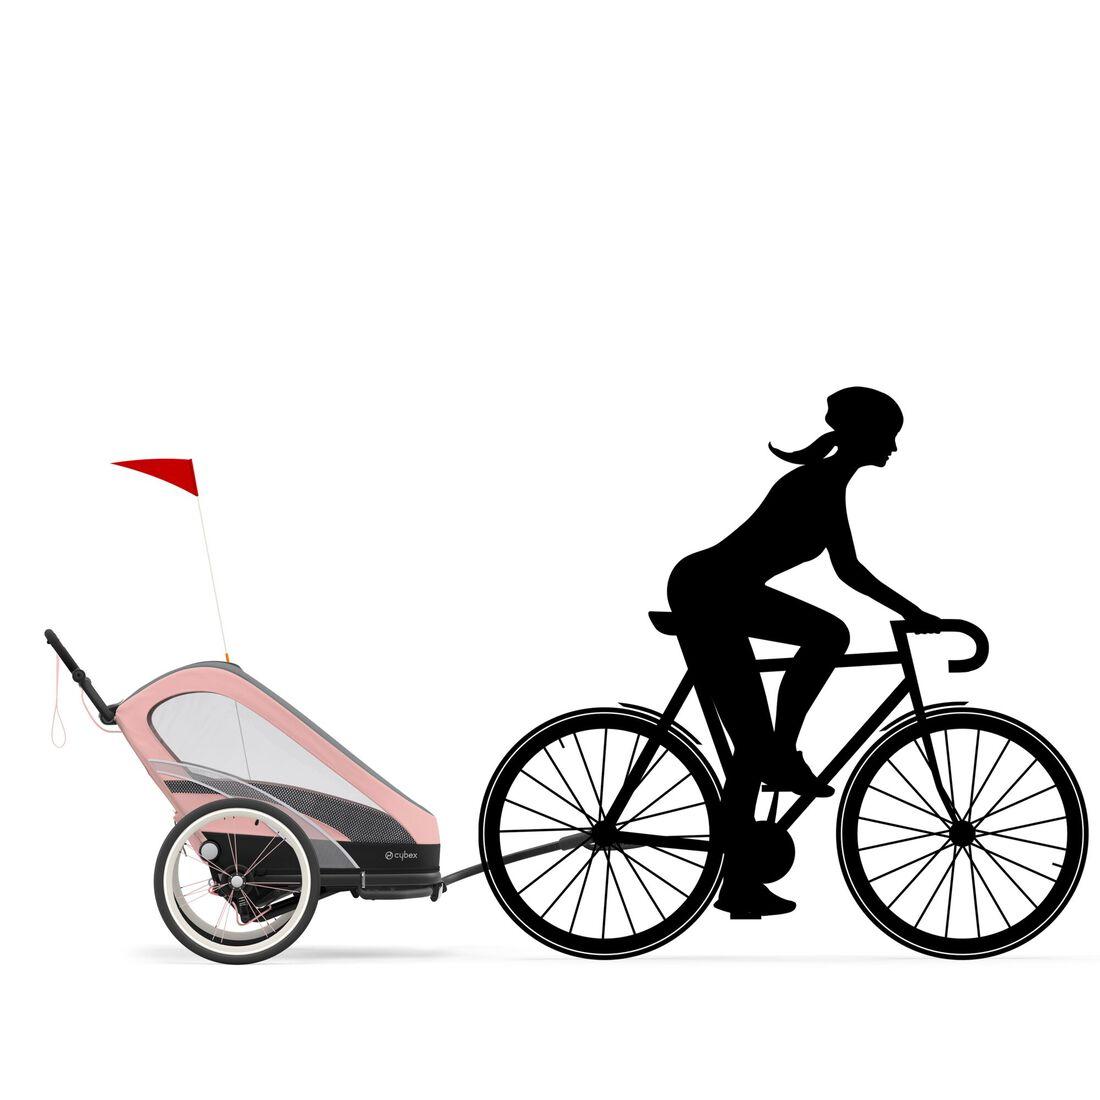 CYBEX Zeno Cycling Kit - Black in Black large Bild 2